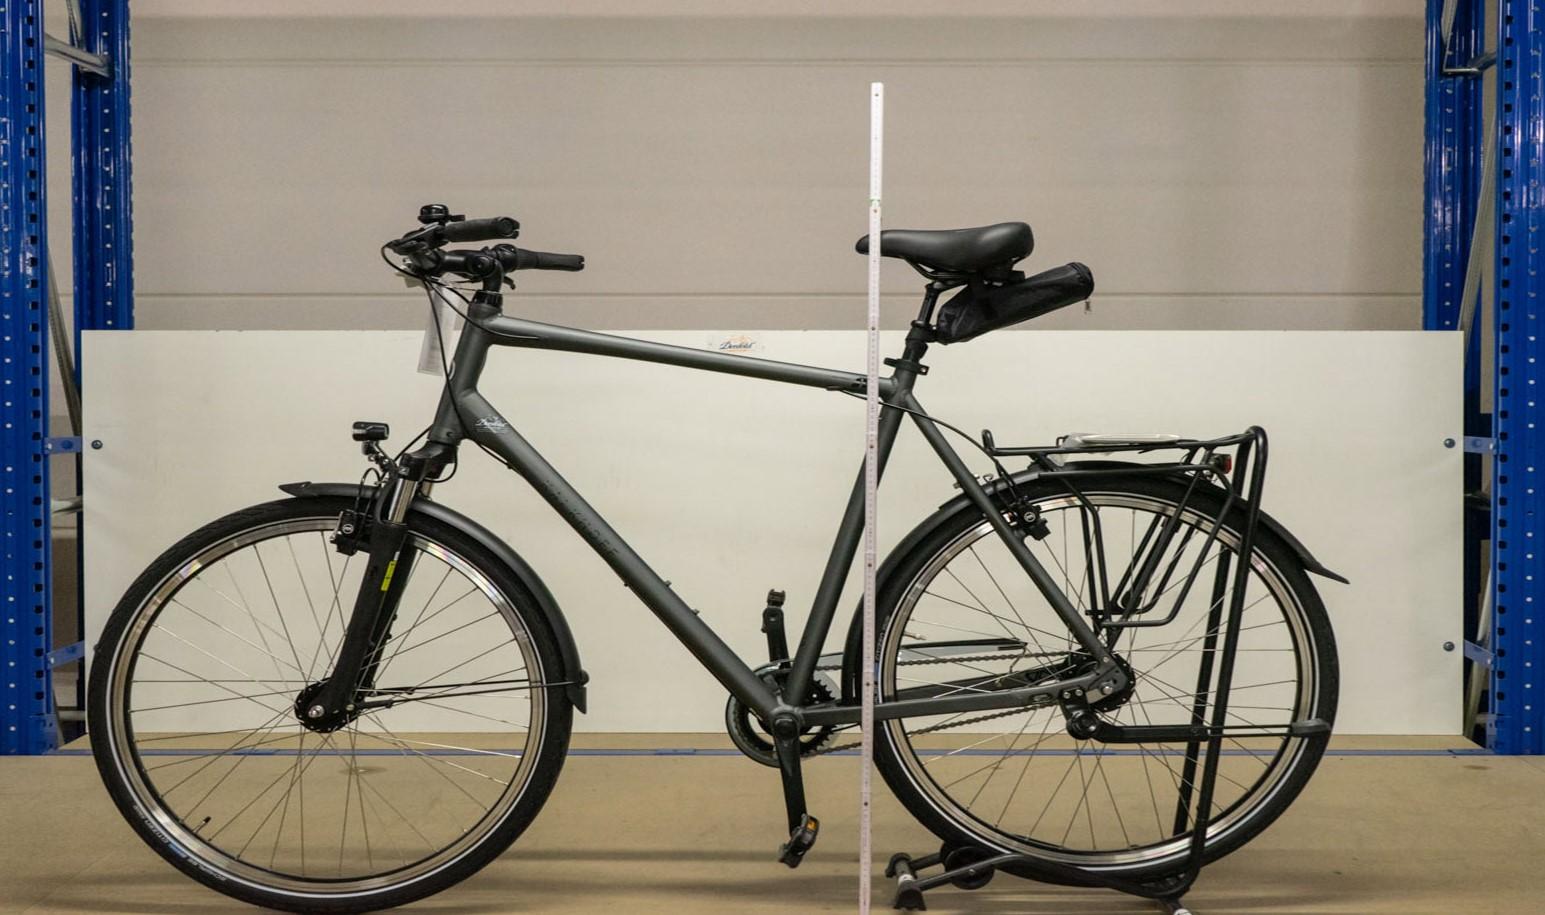 Beispiel eines XXL-Fahrrades, hier ein Kalkhoff Zoll mit 70cm Rahmen